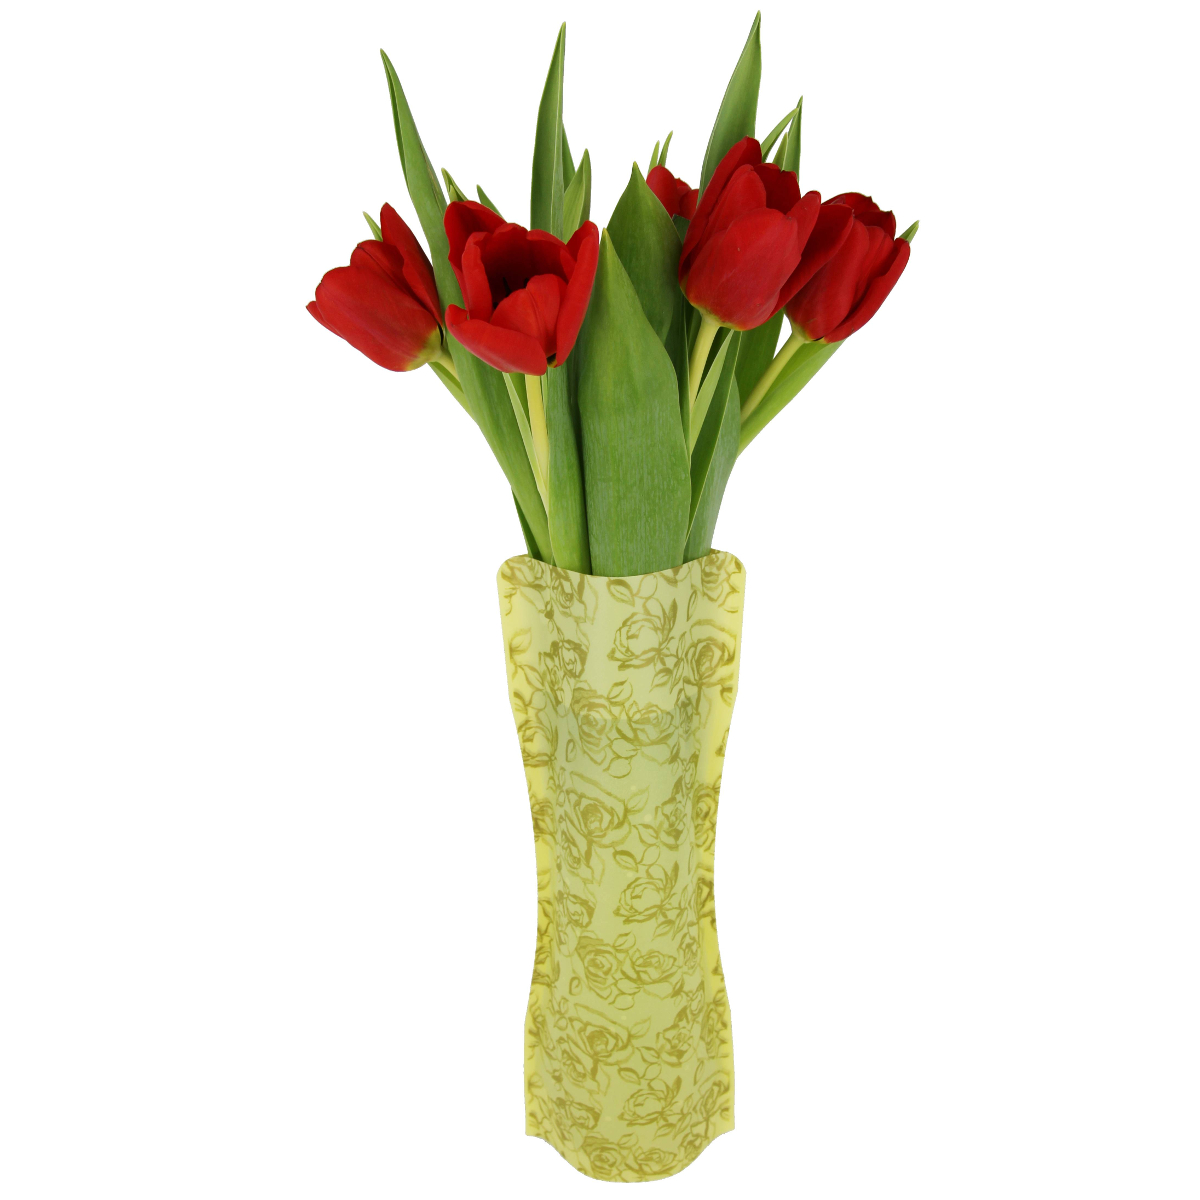 Ваза МастерПроф Золотые розы, пластичная, 1 л ваза мастерпроф черная орхидея пластичная 1 л